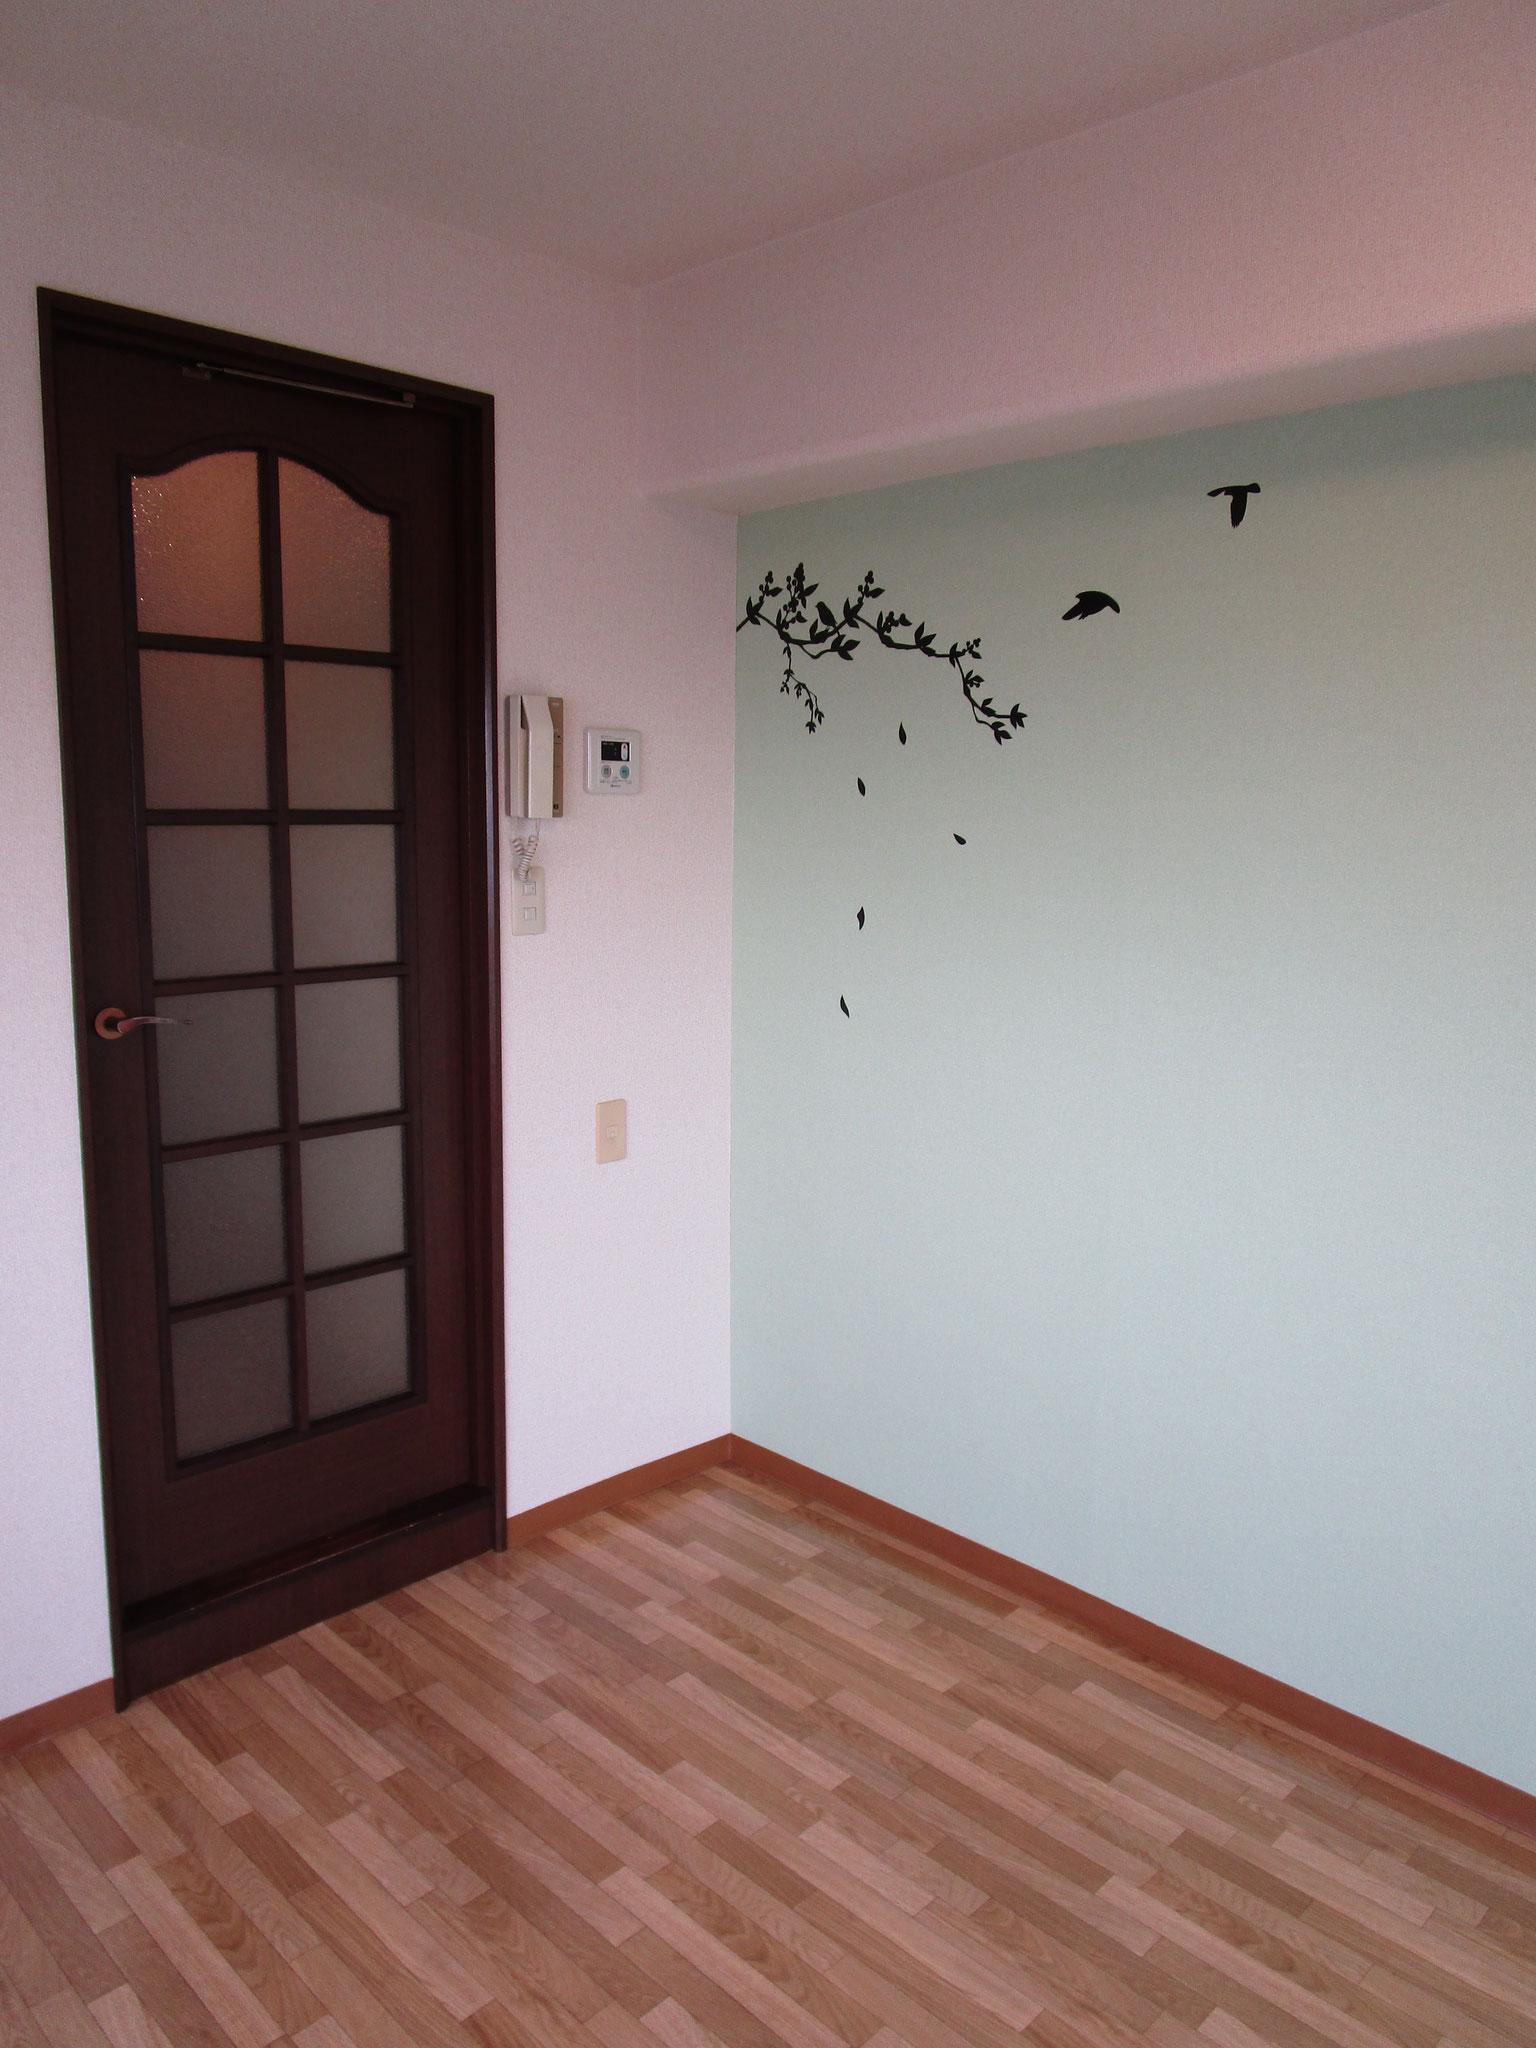 居室との間に扉があります。グリーンのアクセントクロス